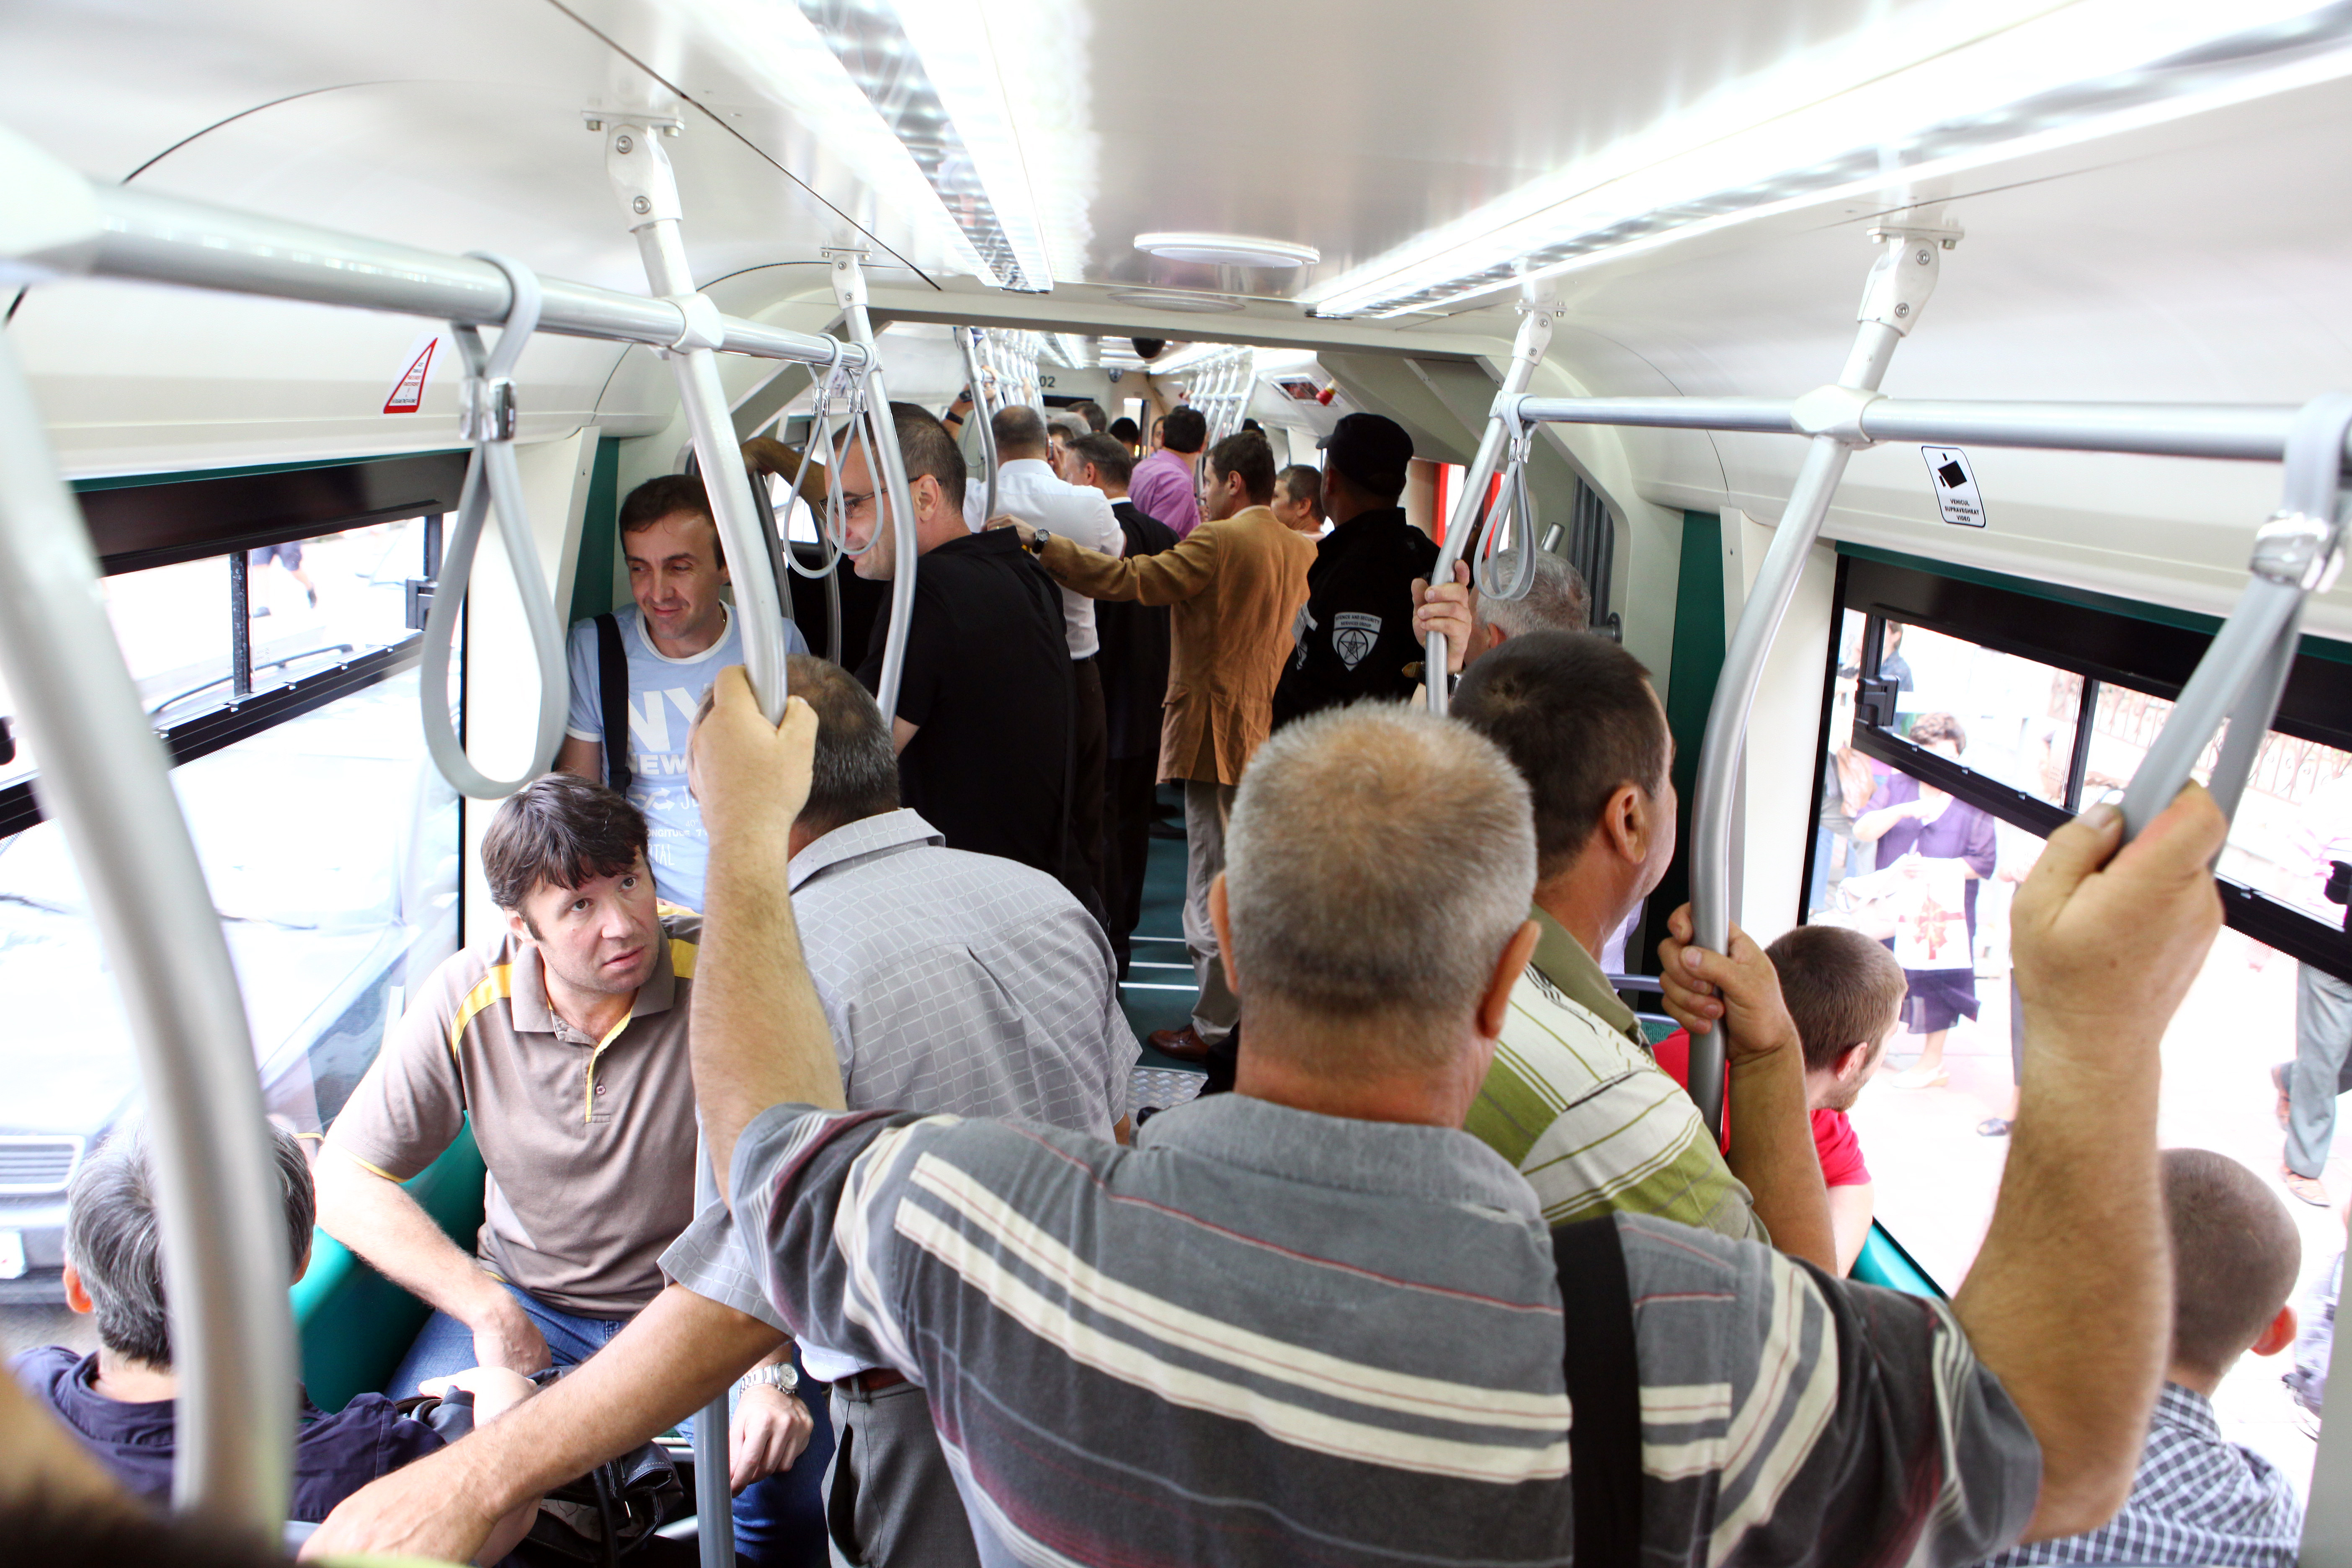 VIDEO | Călătoria cu autobuzele RATB din Capitală este sport extrem. Temperatura, mai mare cu 7 grade Celsius faţă de cea exterioară. Primarul Firea promite că e ultima vară când se va mai circula aşa